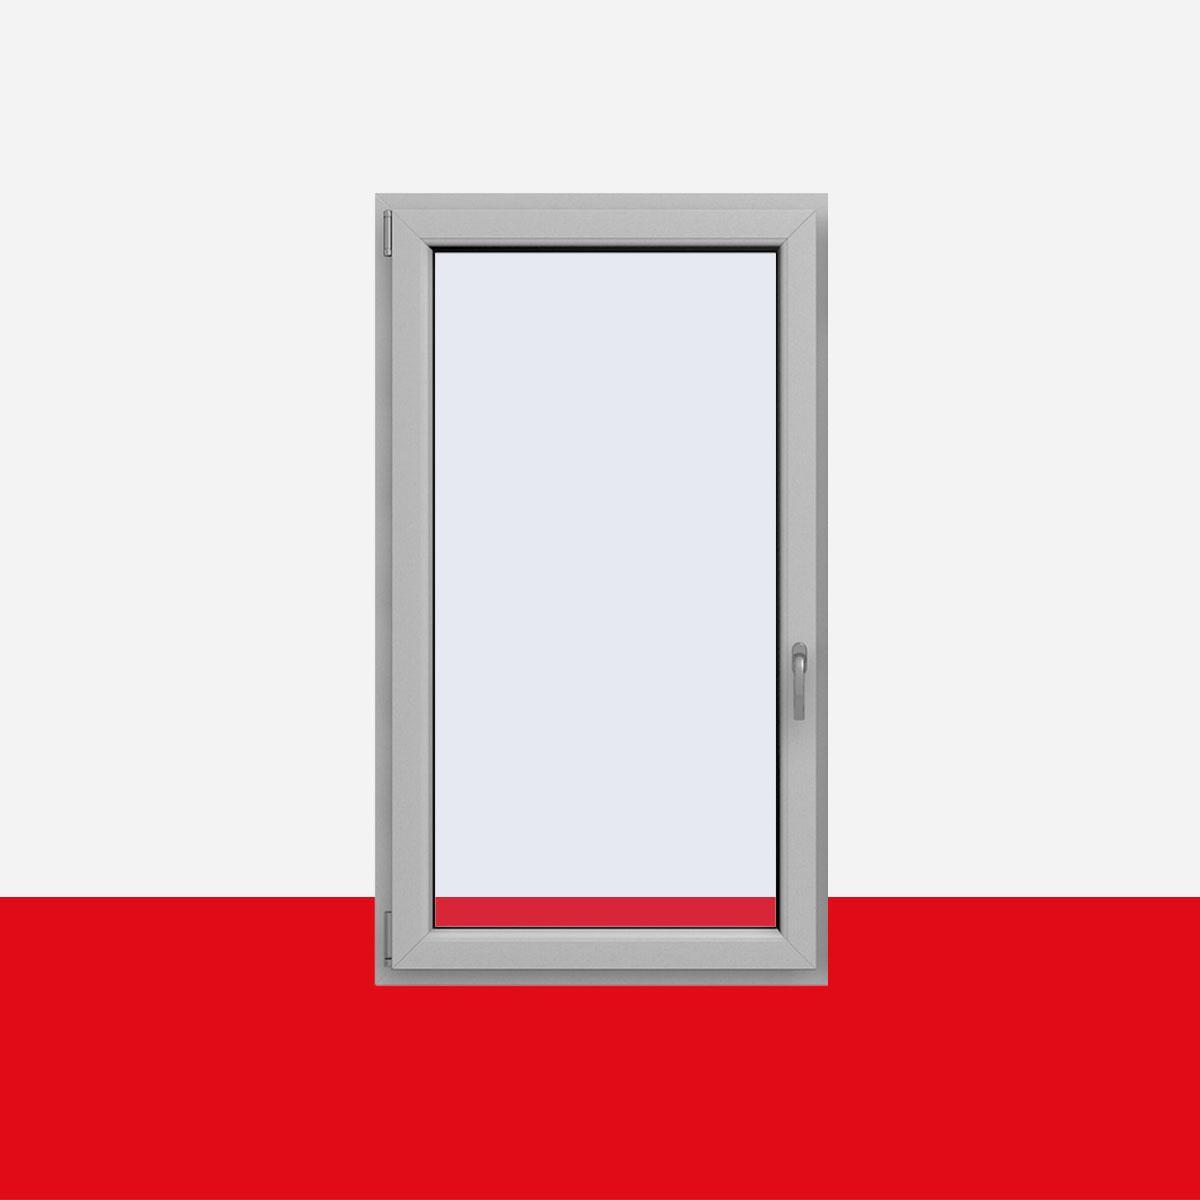 Fenster außen  Kunststofffenster Silber D (Innen und Außen) Dreh Kipp Fenster 1 ...